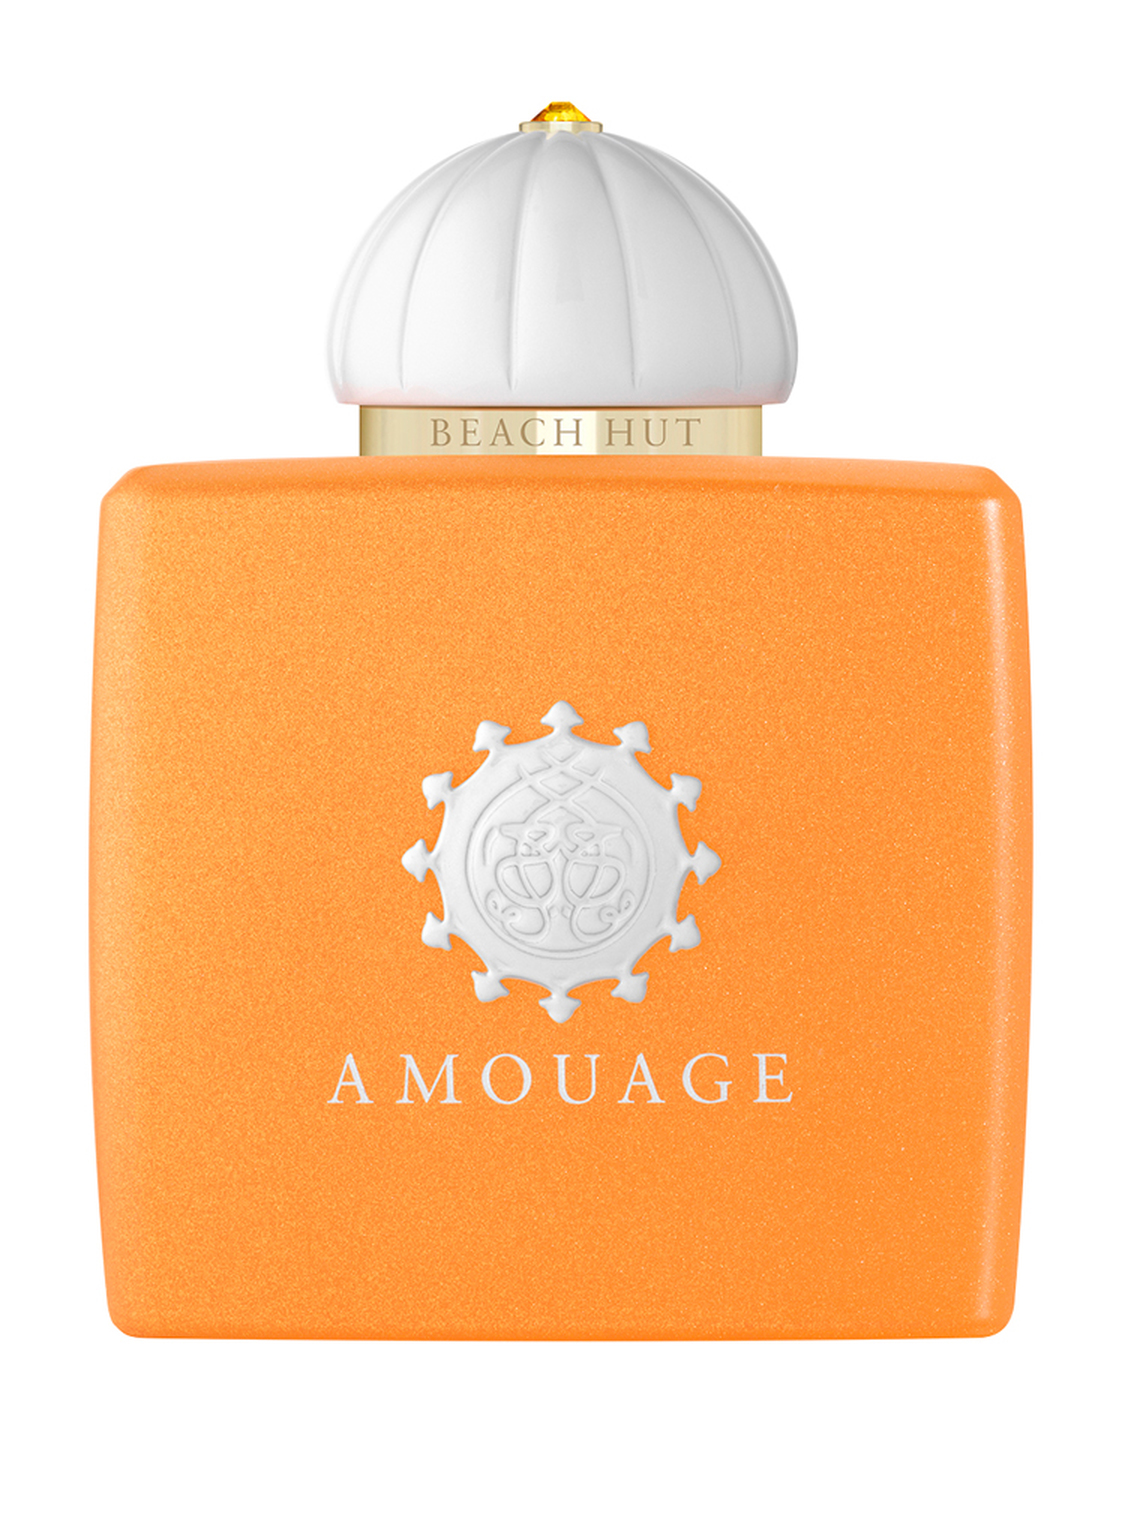 Image of Amouage Beach Hut Eau de Parfum 100 ml